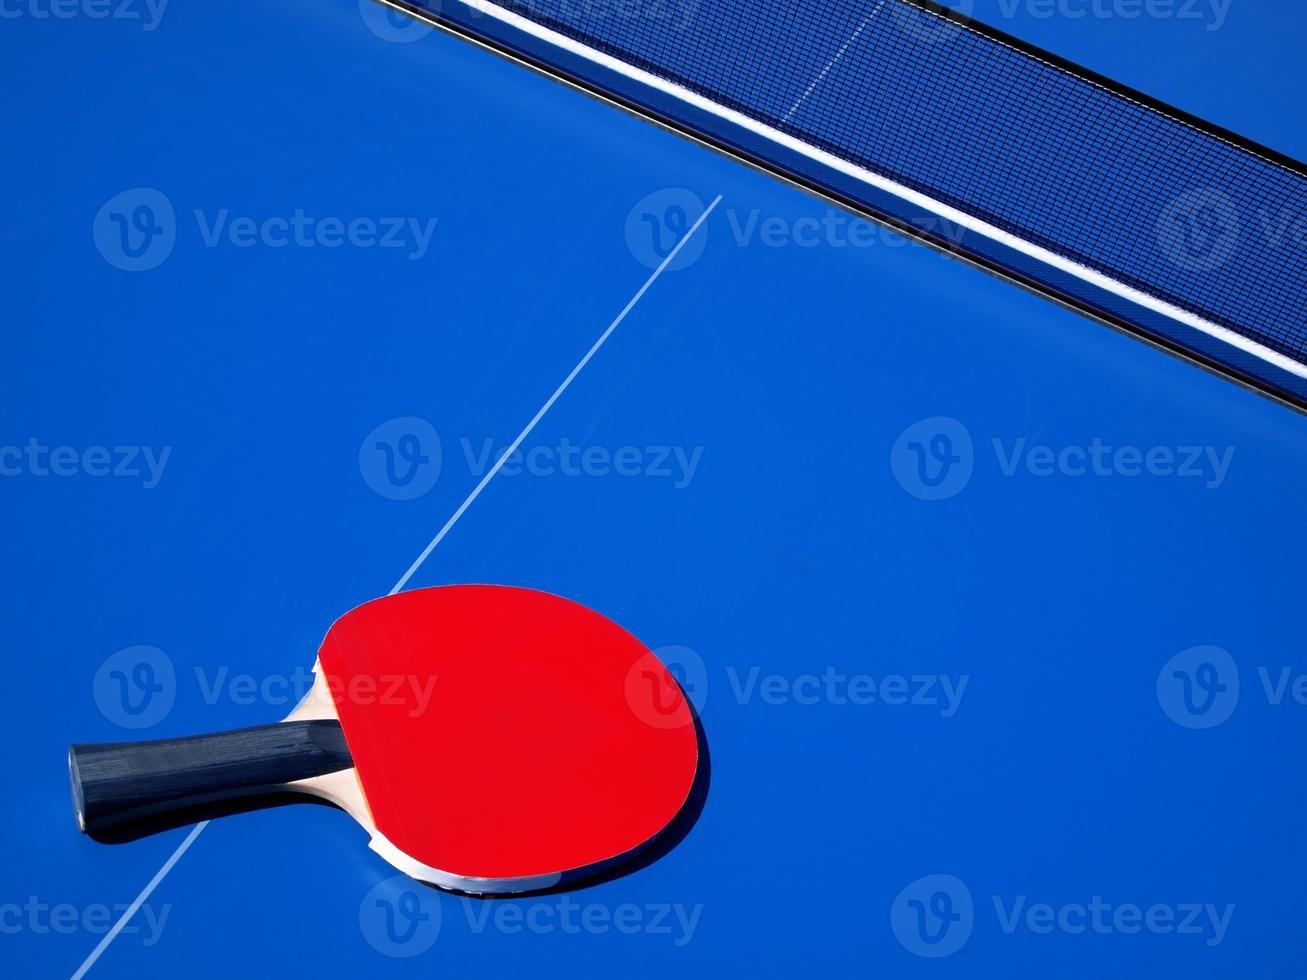 mesa de tenis azul y bate de ping pong rojo foto